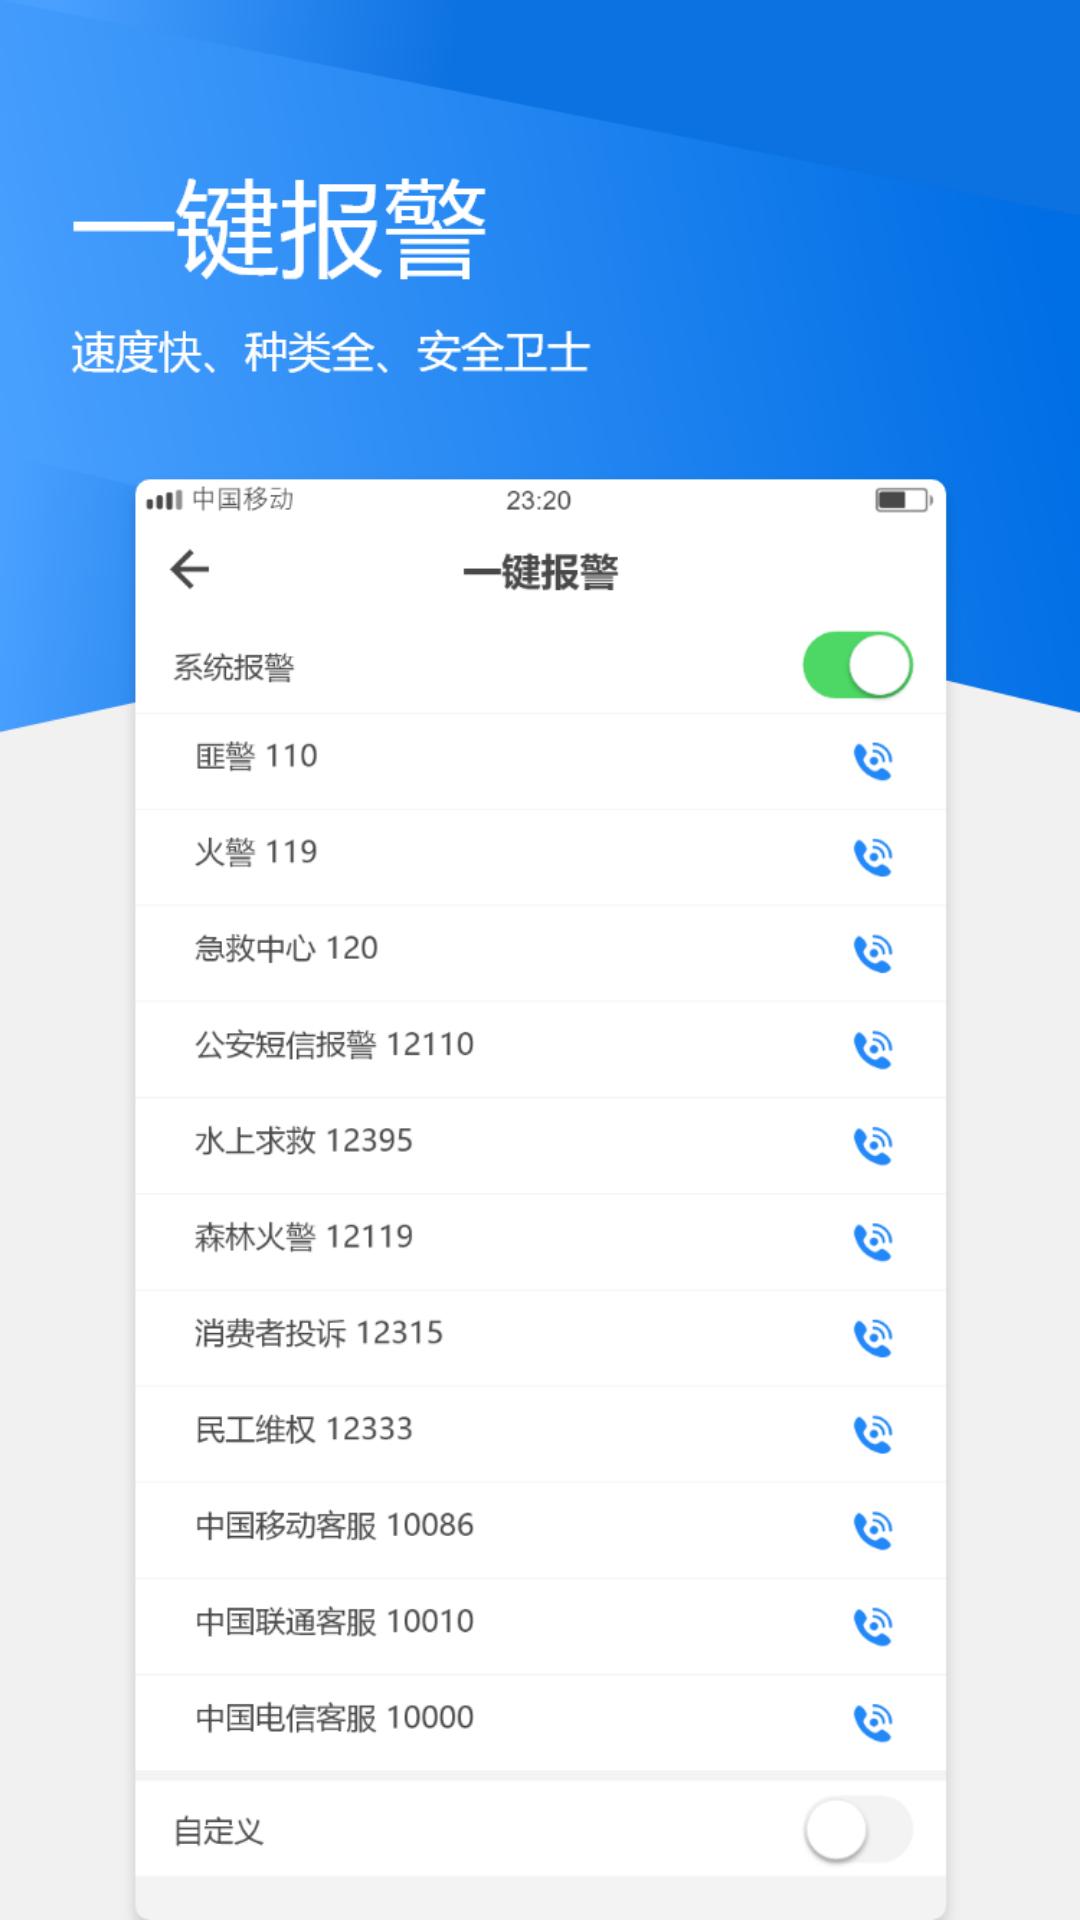 手机号定位寻人软件_手机定位寻人软件_寻人软件